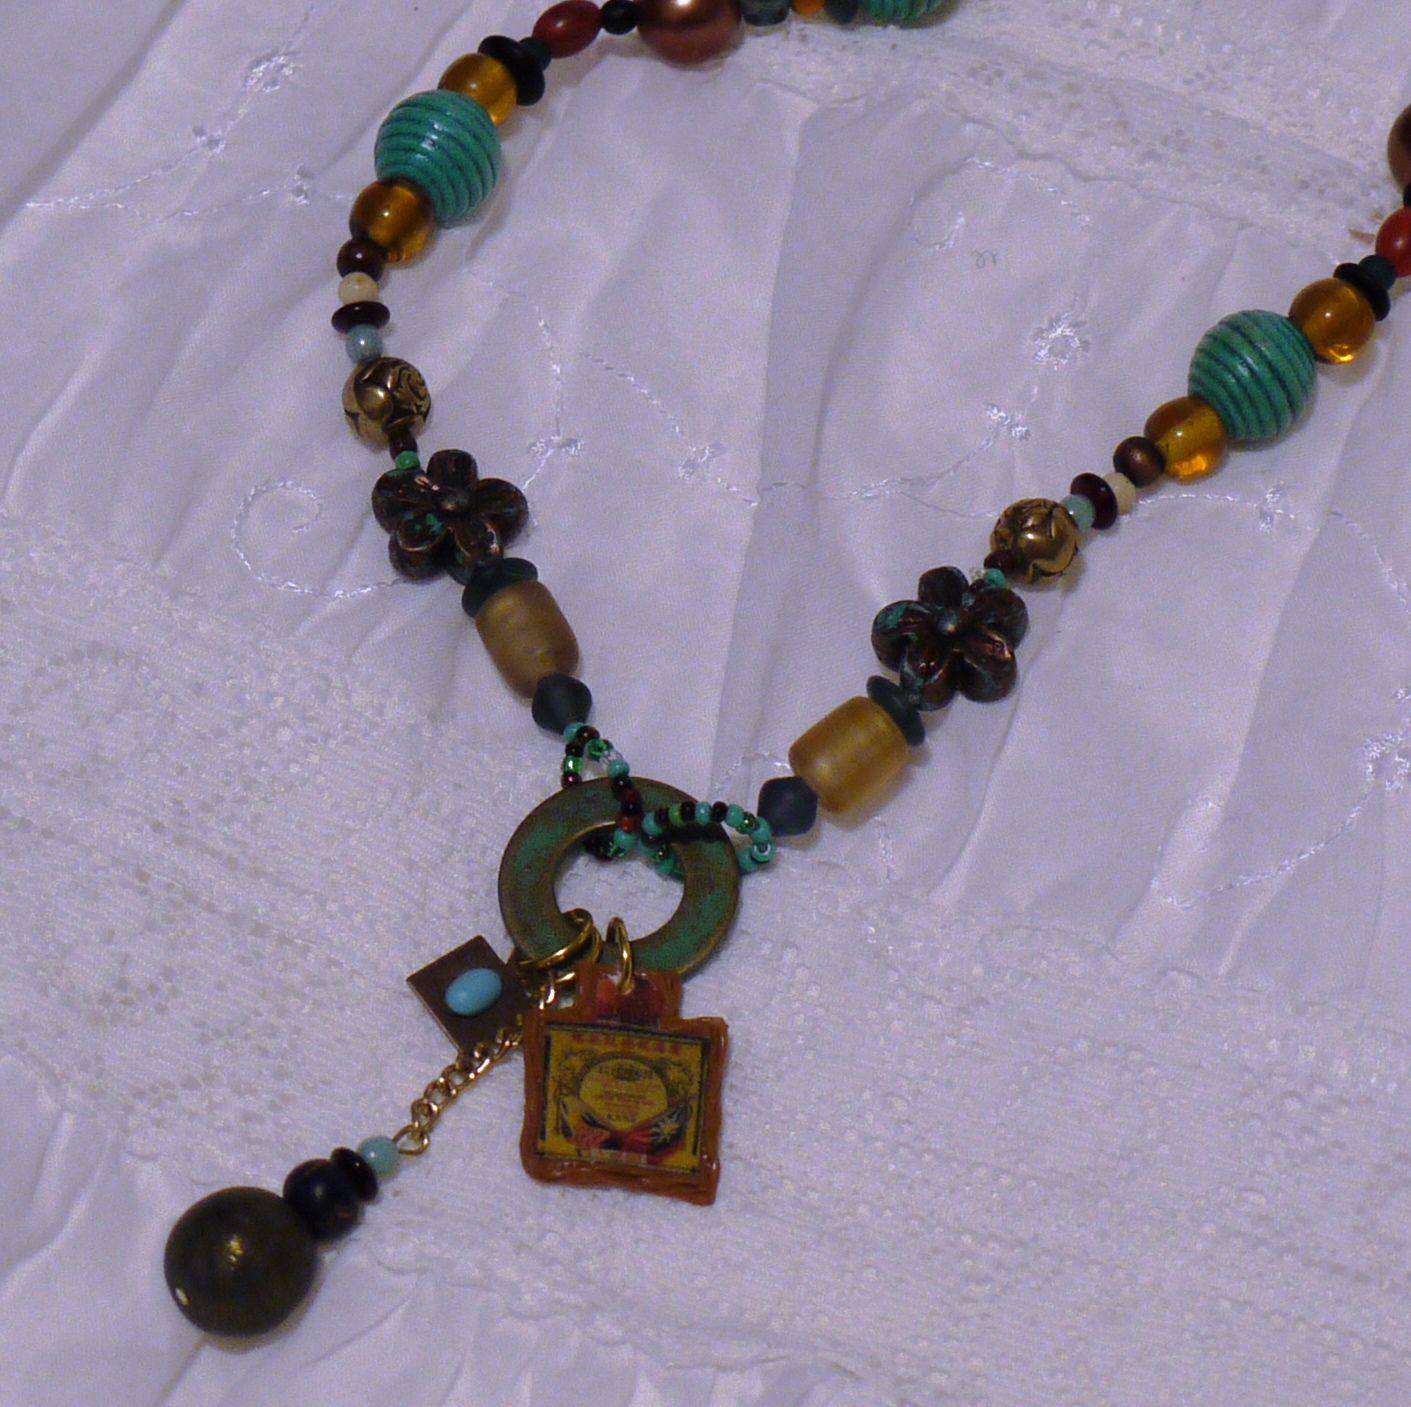 Sleeping Beauty Turquoise charm, hodge podge of beads